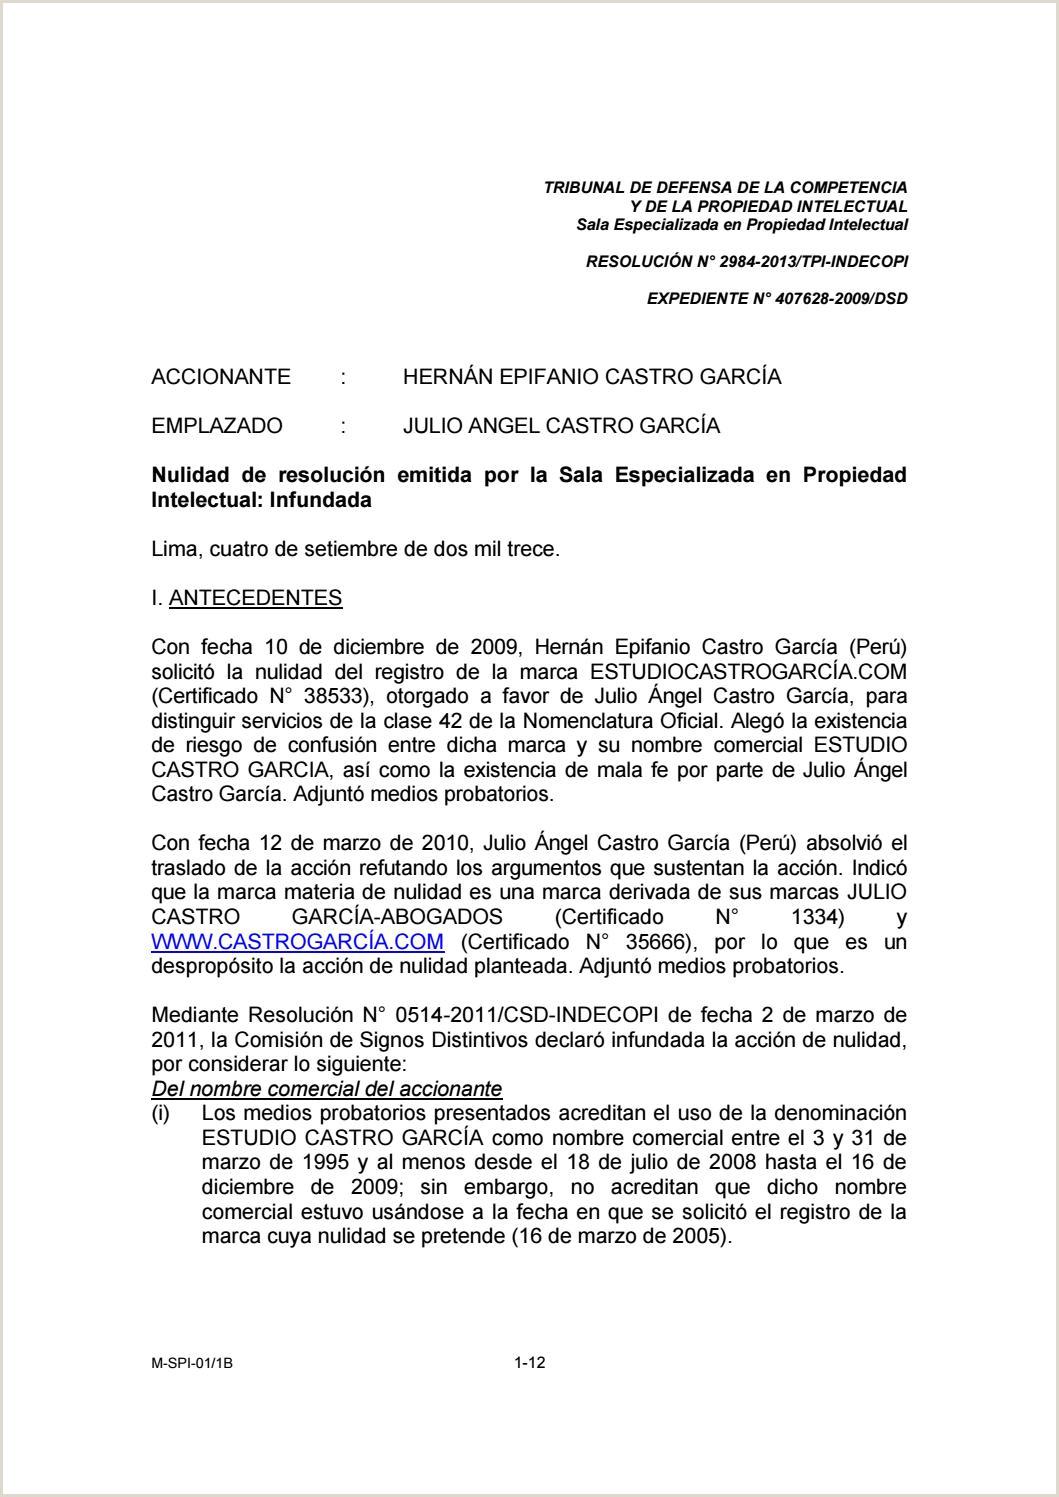 Formato Hoja De Vida Abogado Caso De Marca Estudio Castro Garca Abogados Indecopi by